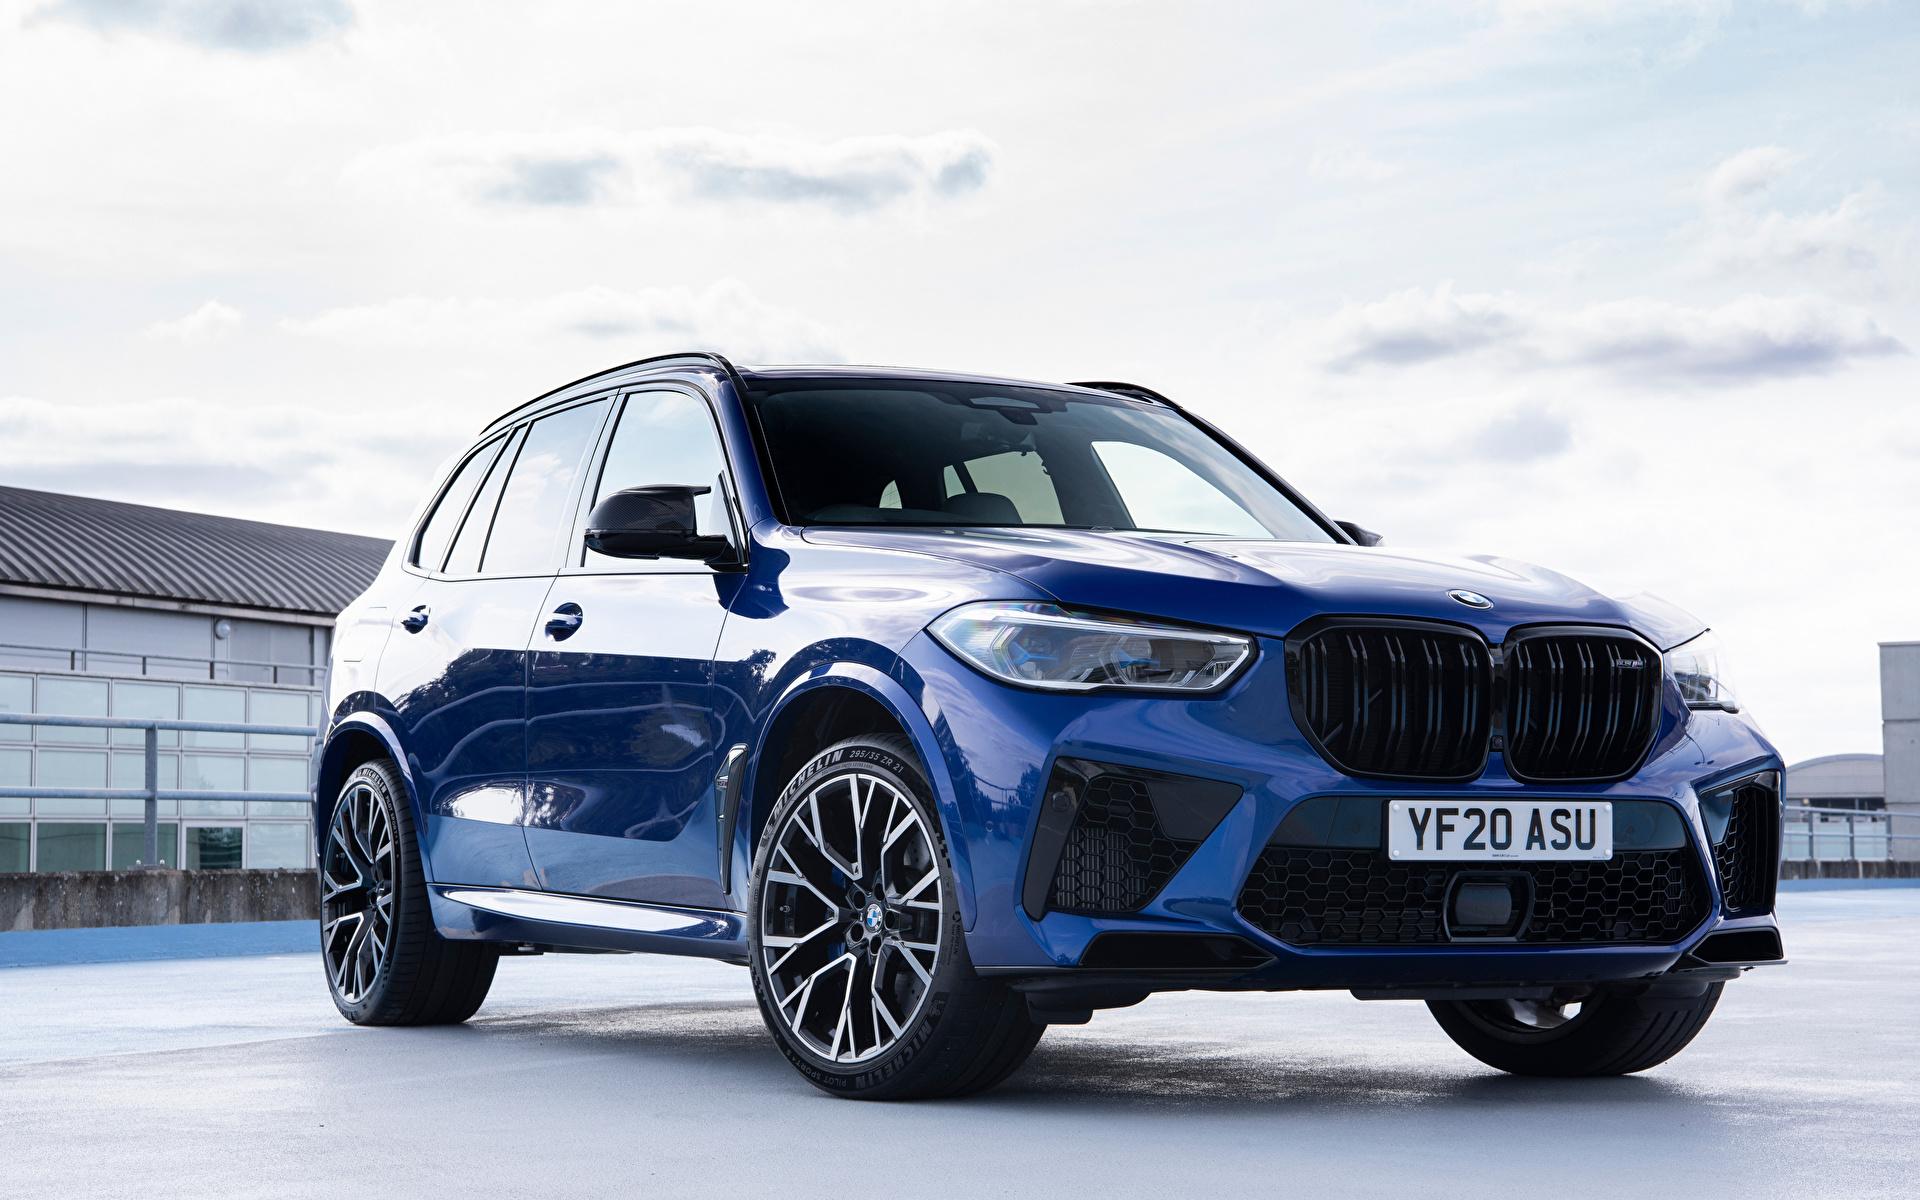 Обои для рабочего стола BMW Кроссовер X5 M Competition UK-spec (F95), 2020 Синий Металлик автомобиль 1920x1200 БМВ CUV синяя синие синих авто машины машина Автомобили